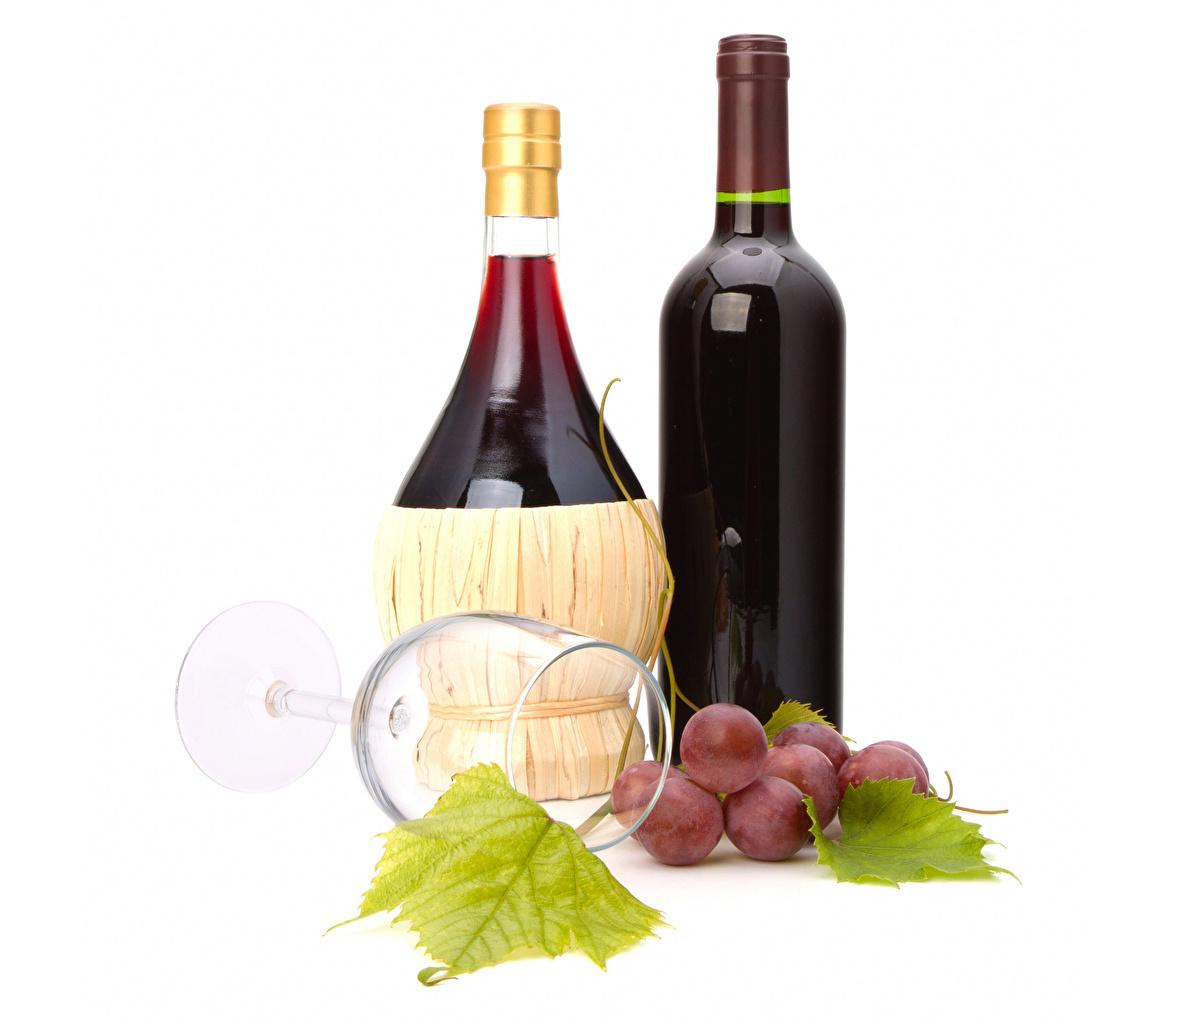 Обои для рабочего стола Вино Виноград Пища бокал Бутылка Белый фон Еда Бокалы бутылки Продукты питания белом фоне белым фоном